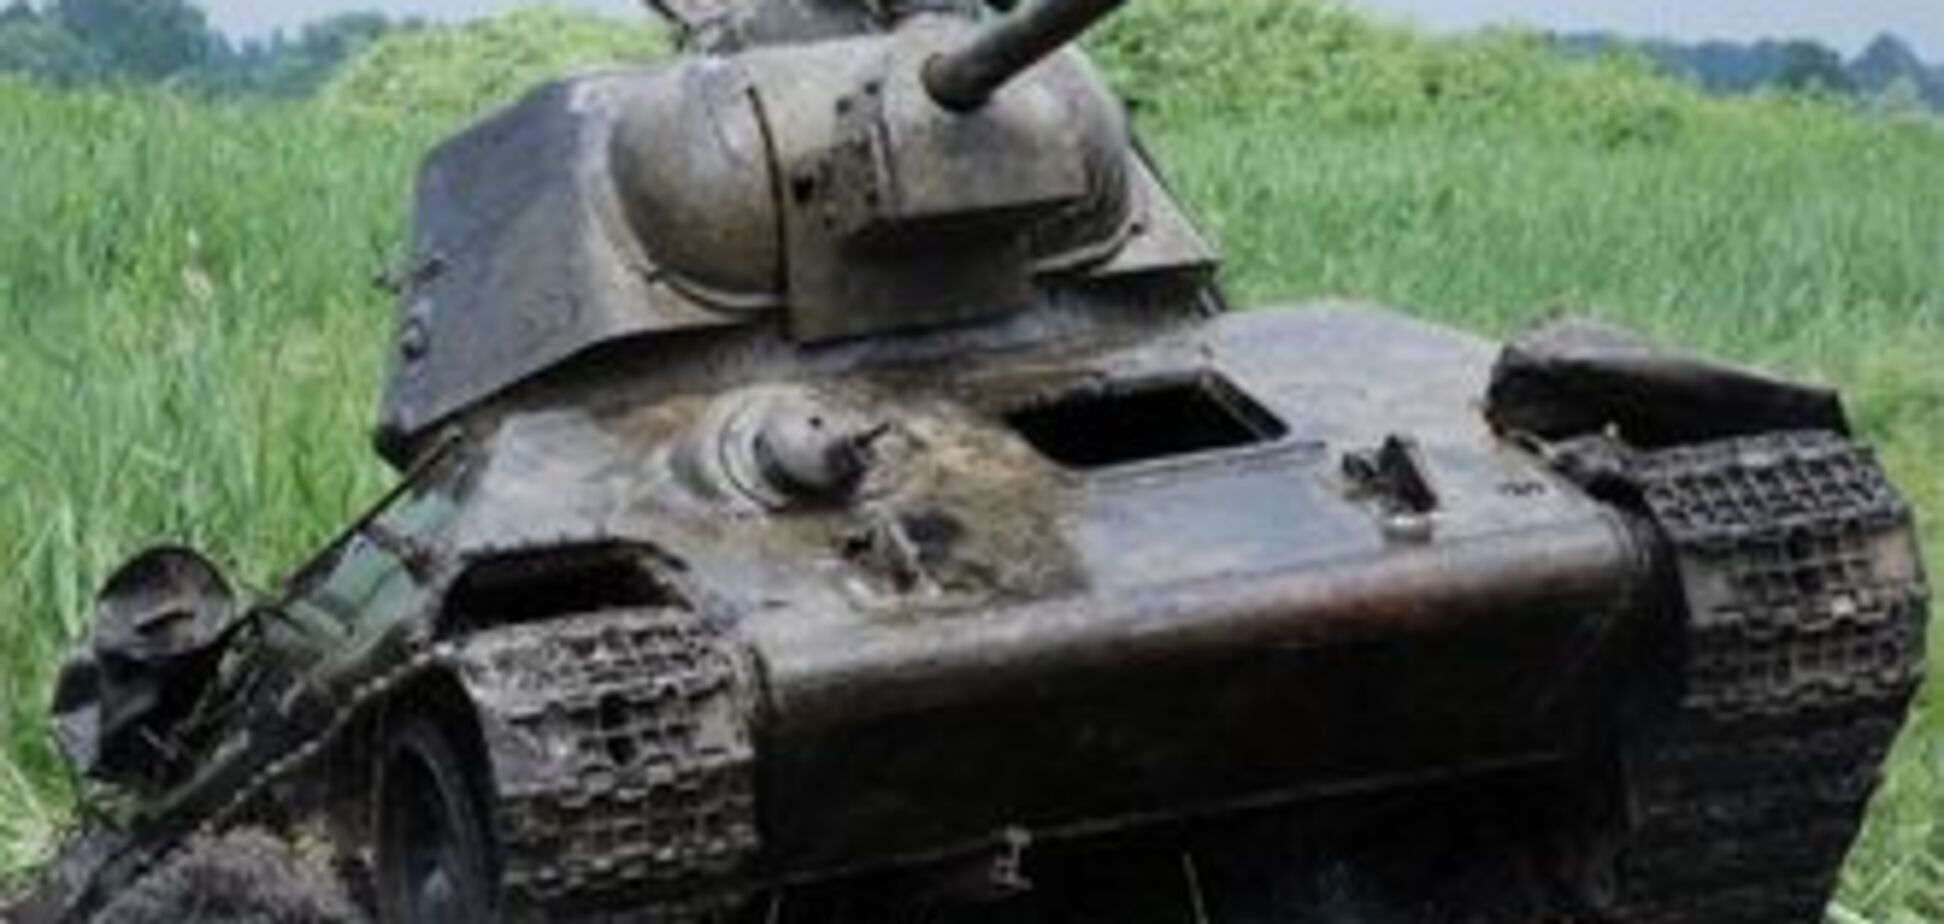 Жінка на іномарці ледь не збила Т-34 на Хрещатику